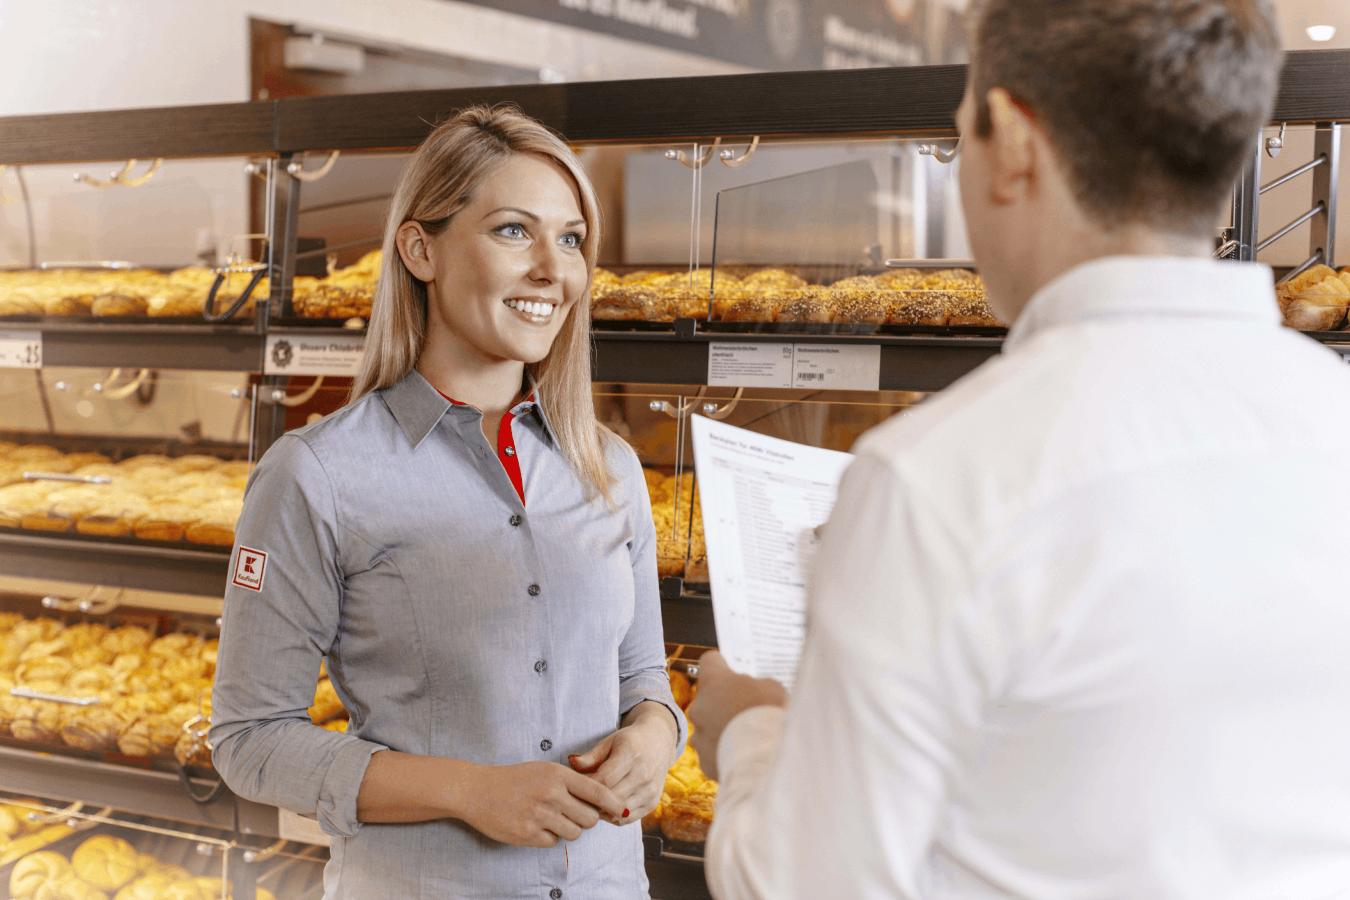 Sieć Kaufland przyjęła rekordową liczbę praktykantów